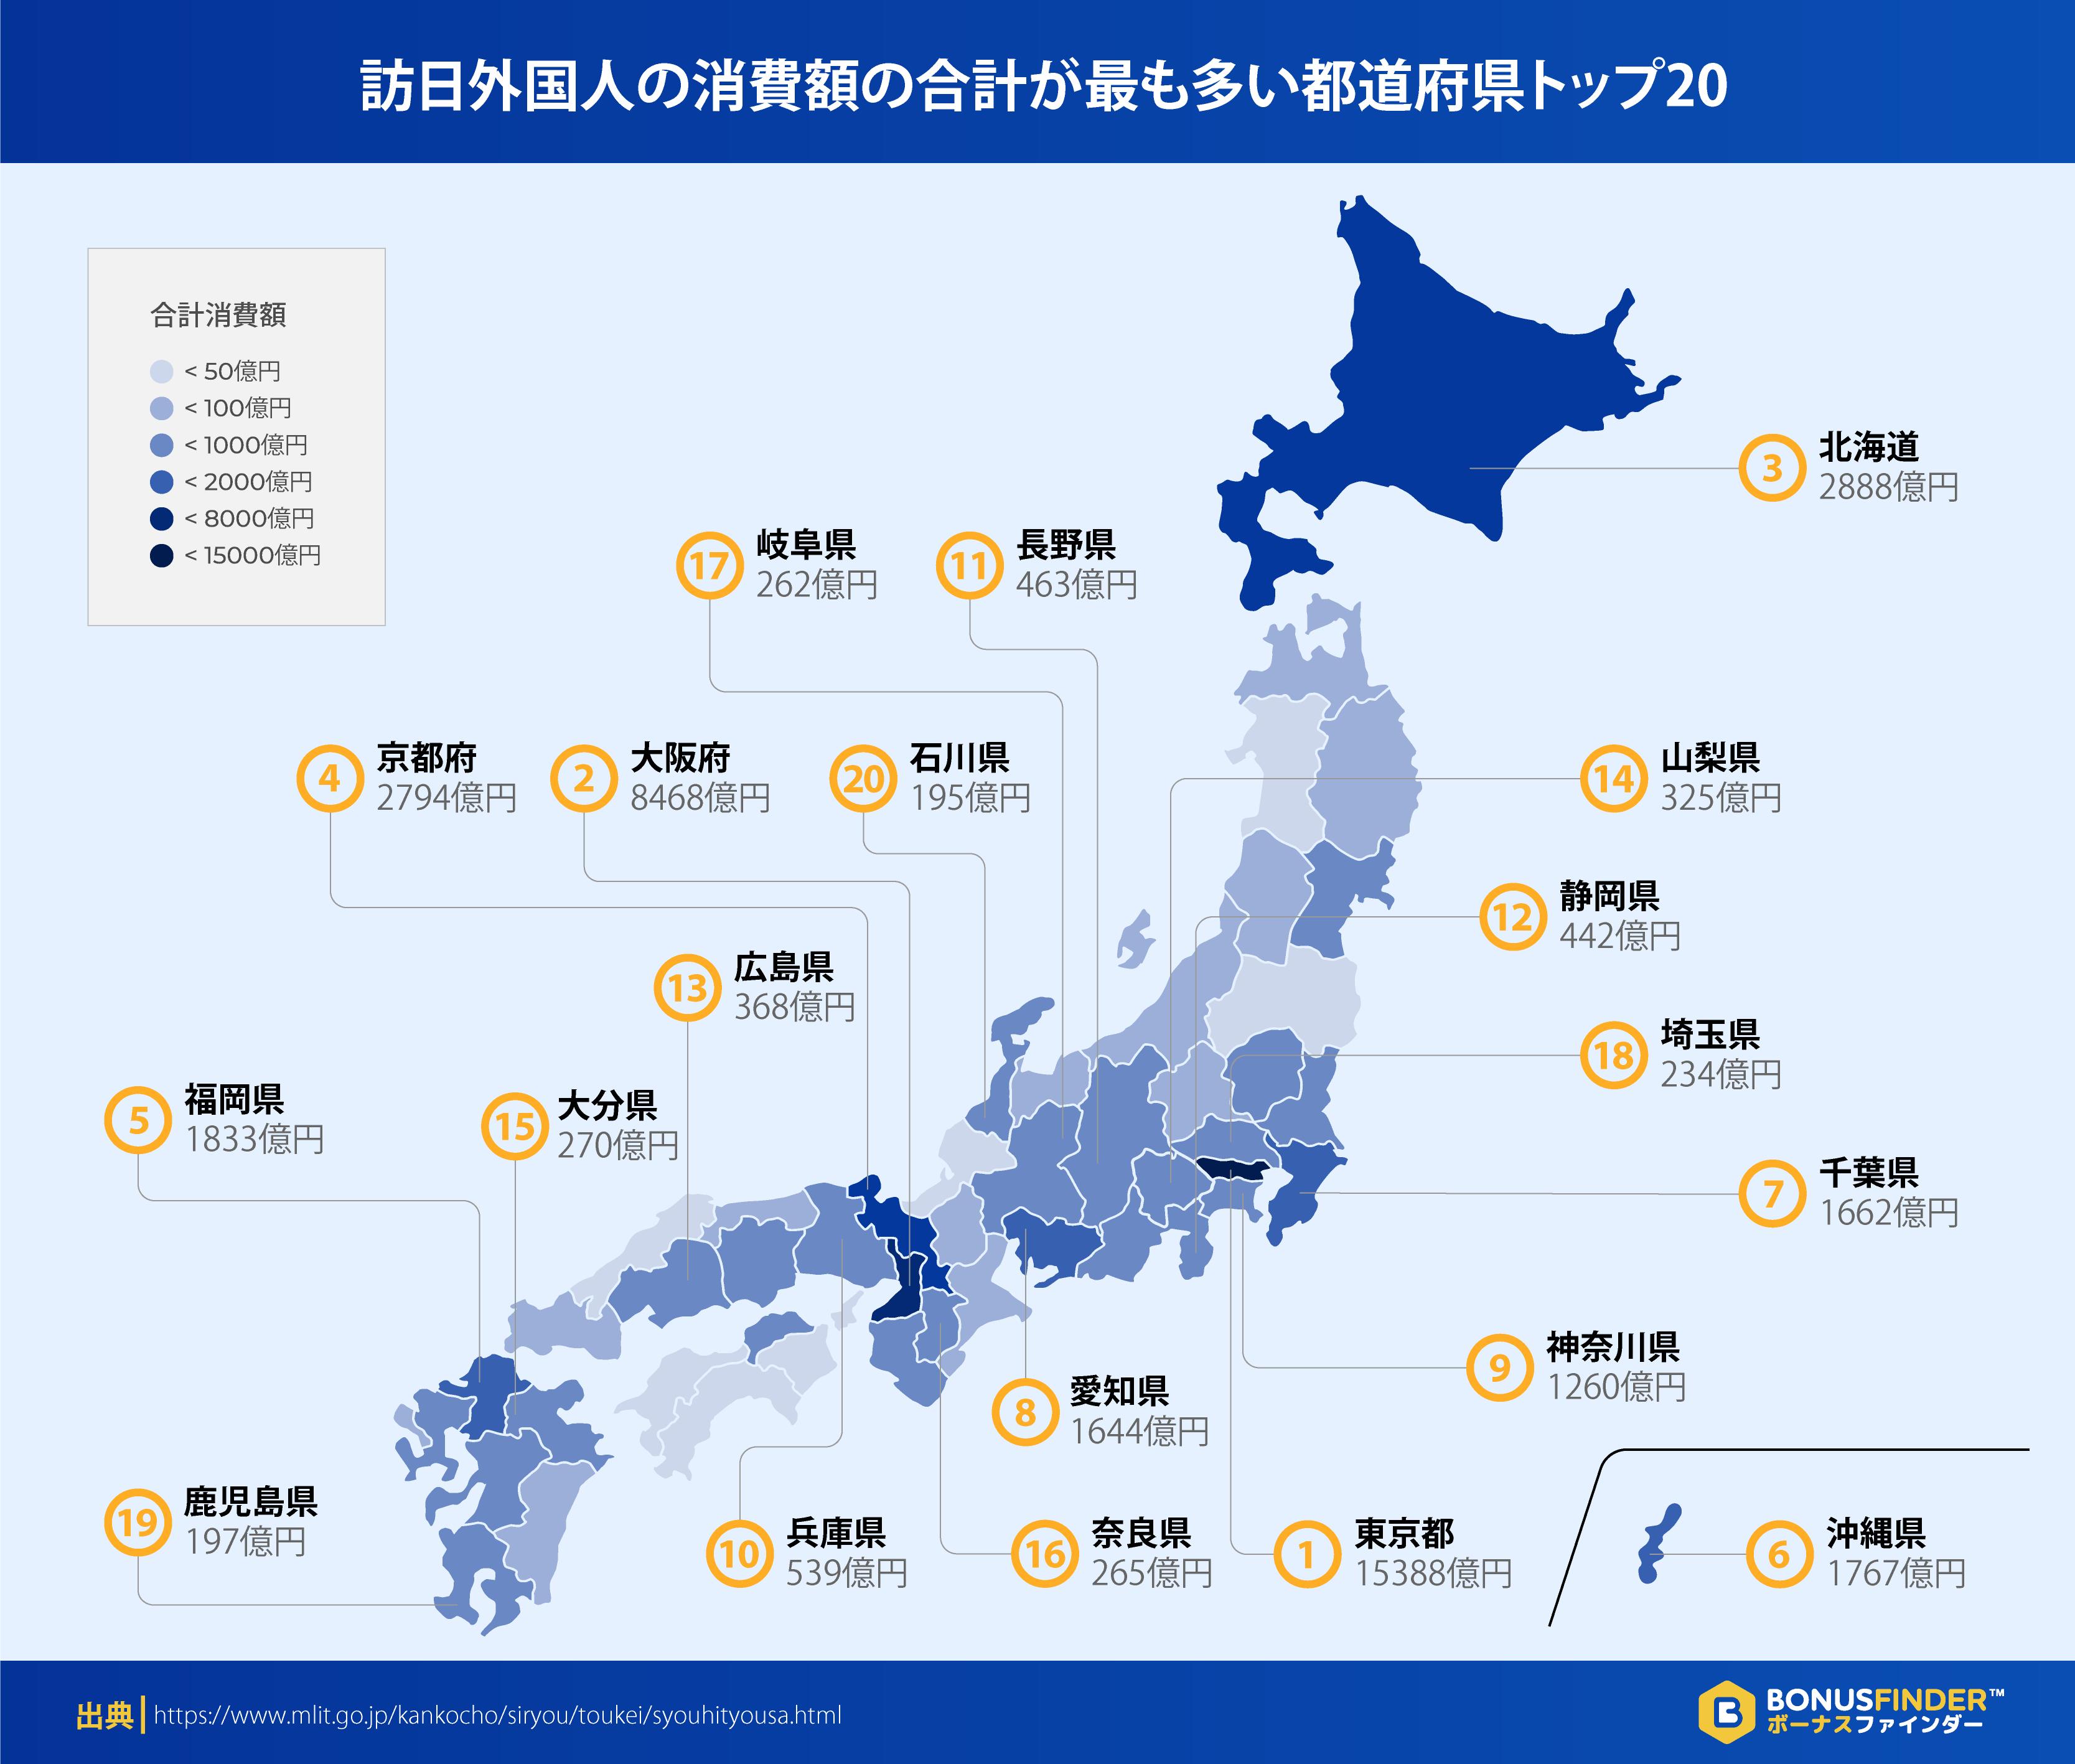 訪日外国人の消費額の合計が最も多い都道府県トップ20